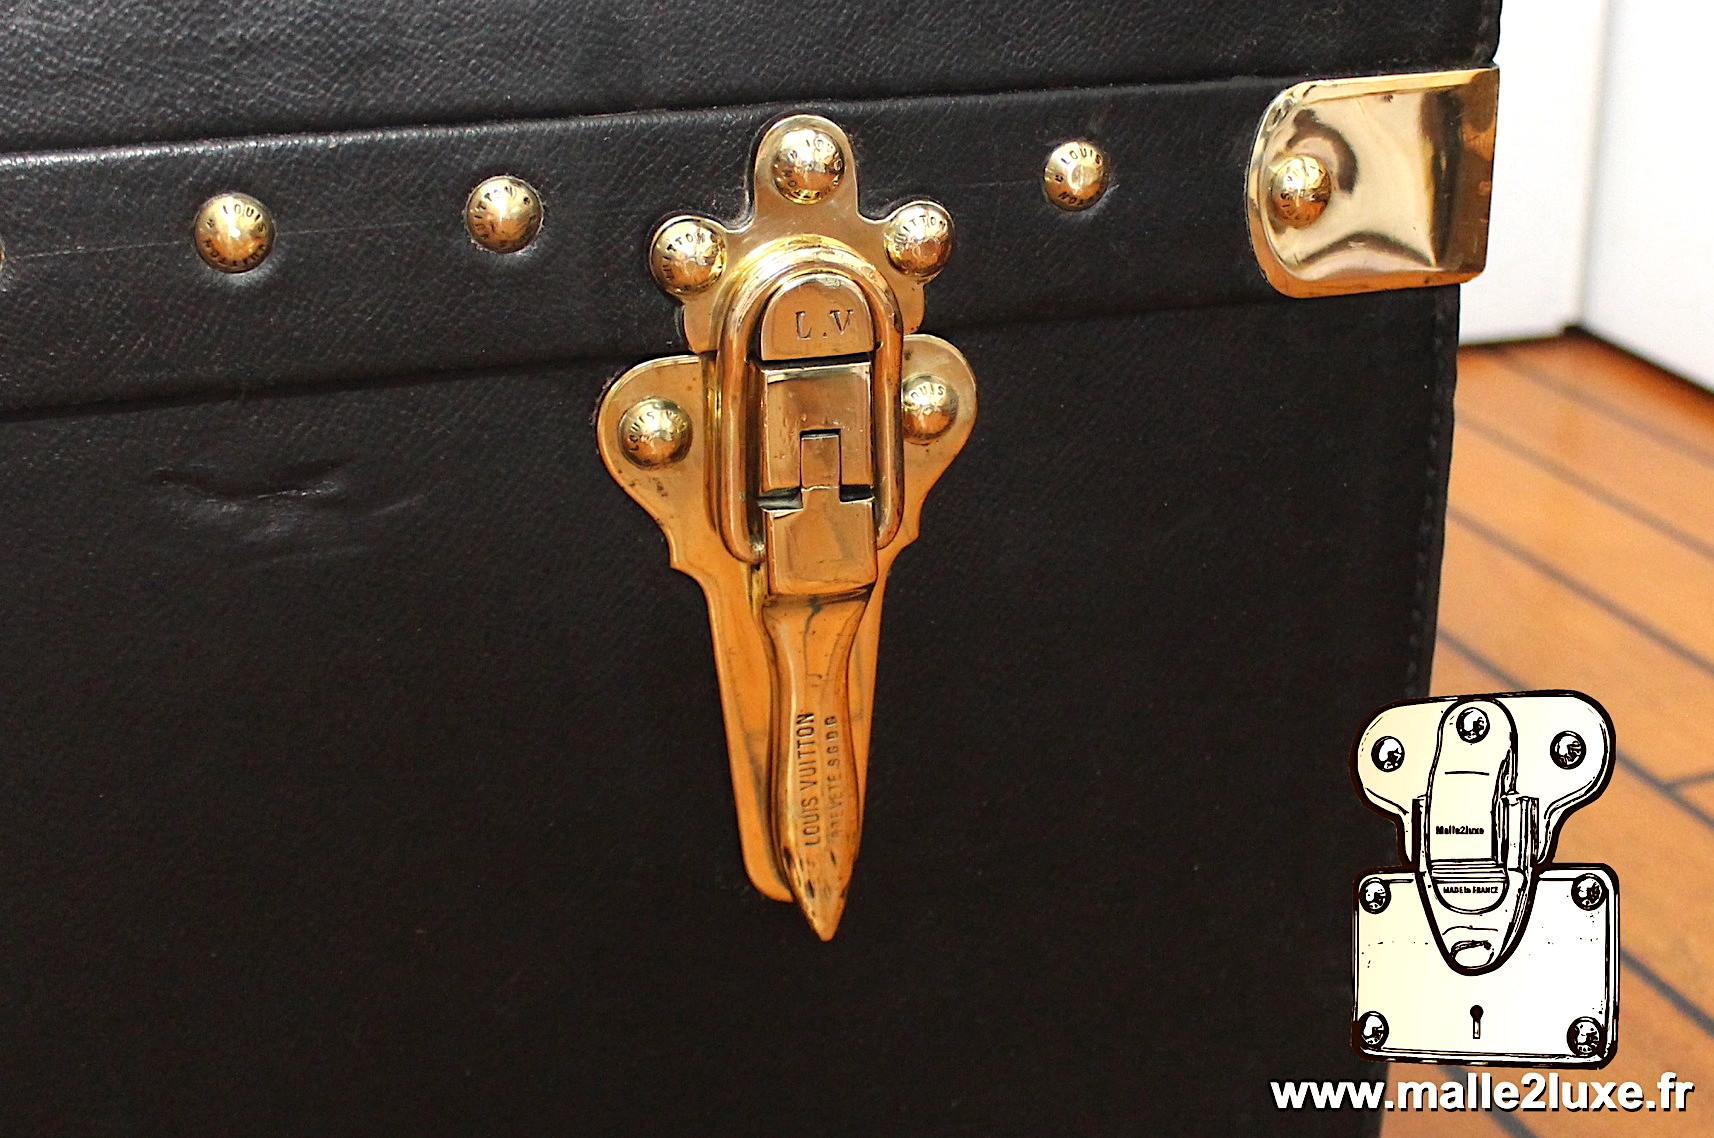 Levier de fermture breveté Louis Vuitton pour malle automobile